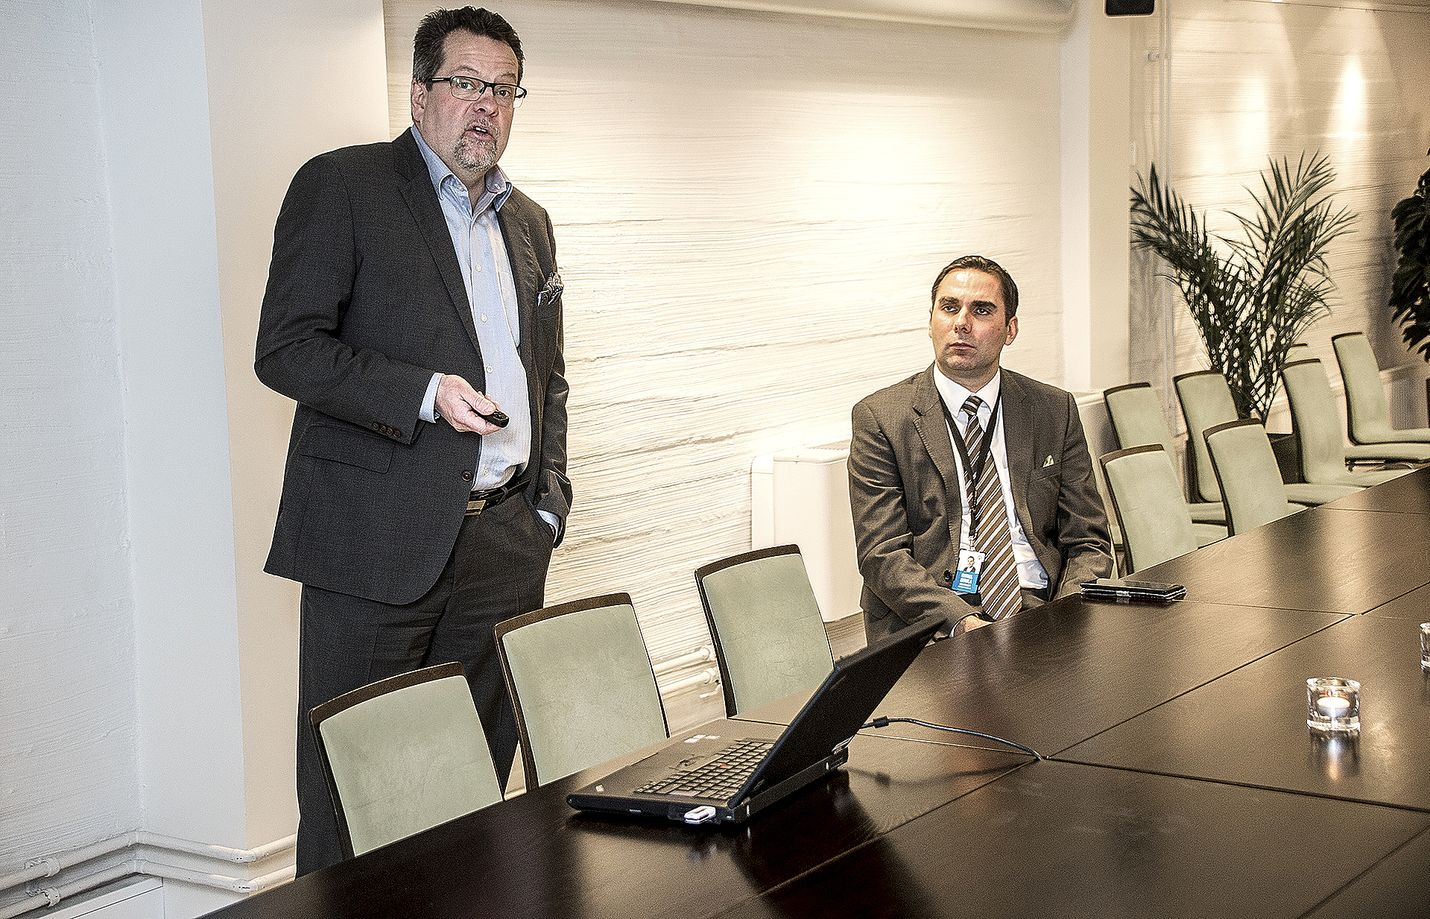 Toimitusjohtaja Matti Saustila ja pankinjohtaja Rafael Eerola esittelivät Eurajoen Säästöpankin viime vuoden tilinpäätöstä.